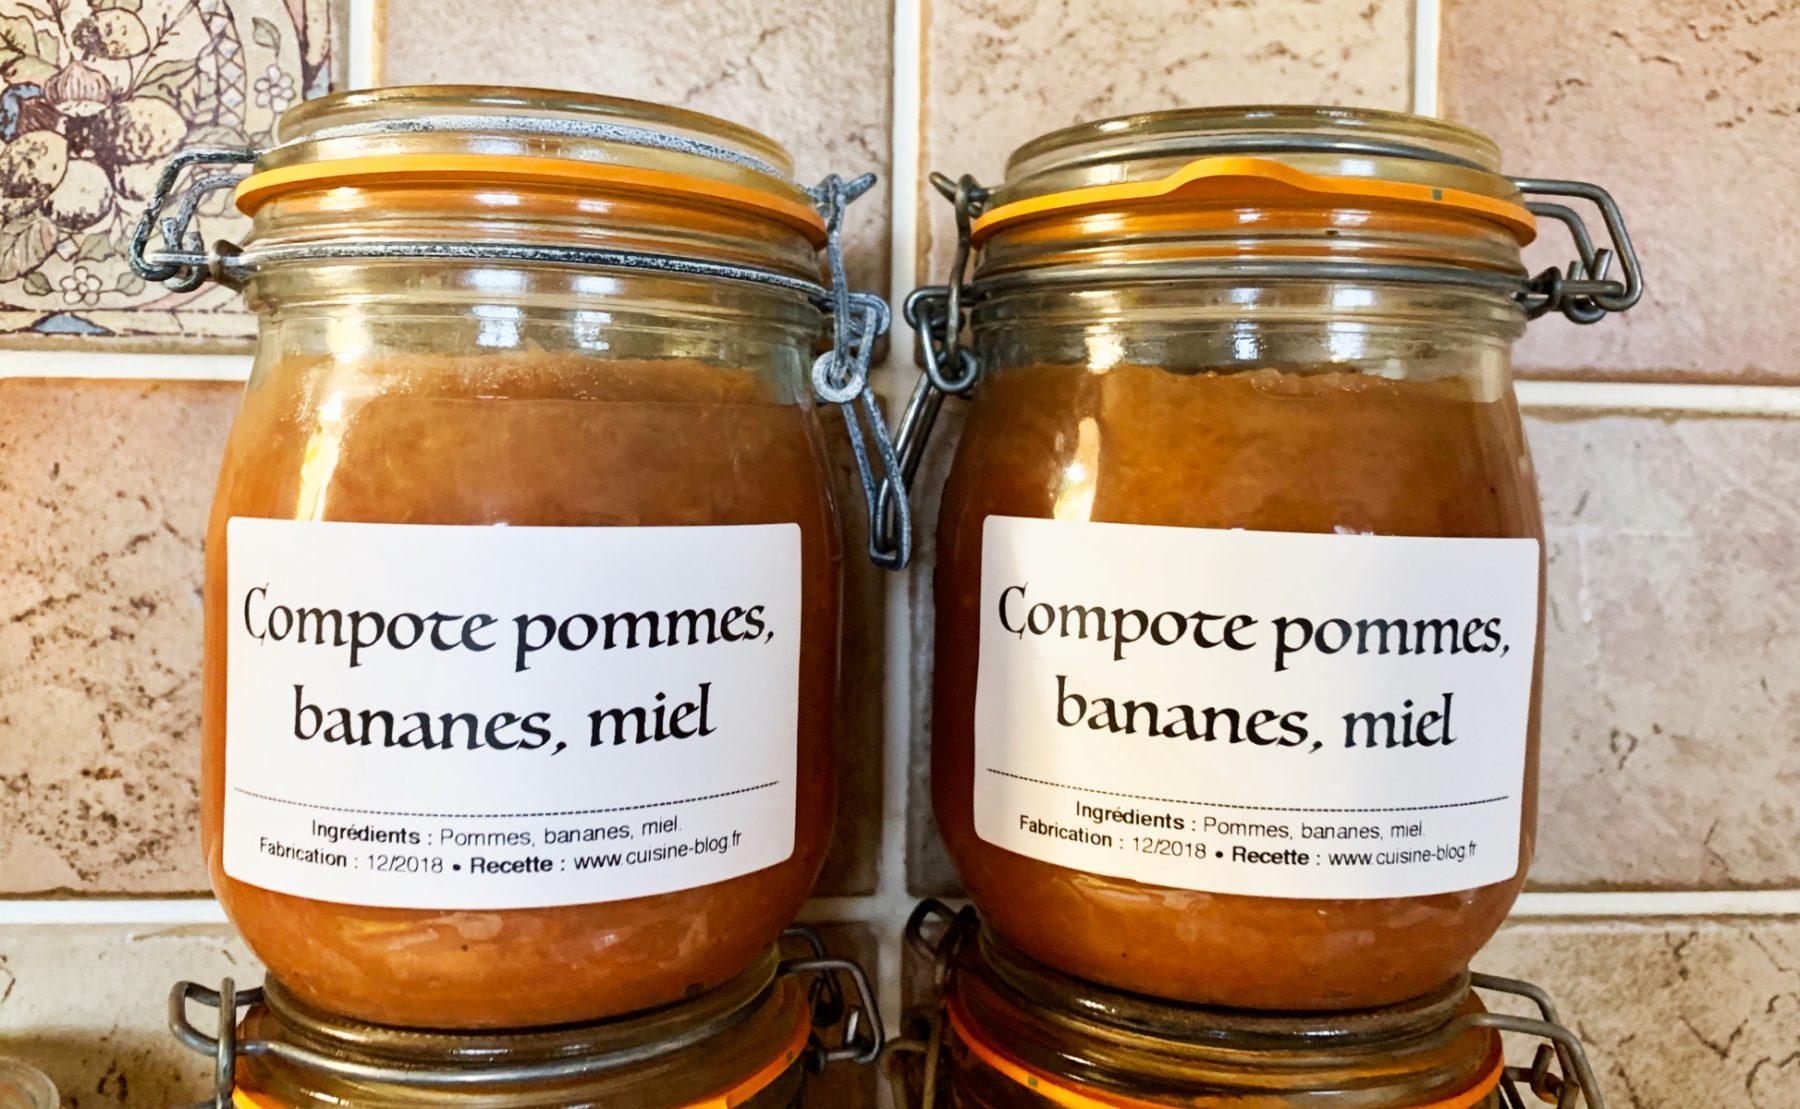 Recette de compote pommes miel bananes conserves cuisine blog - Sterilisation plats cuisines bocaux ...